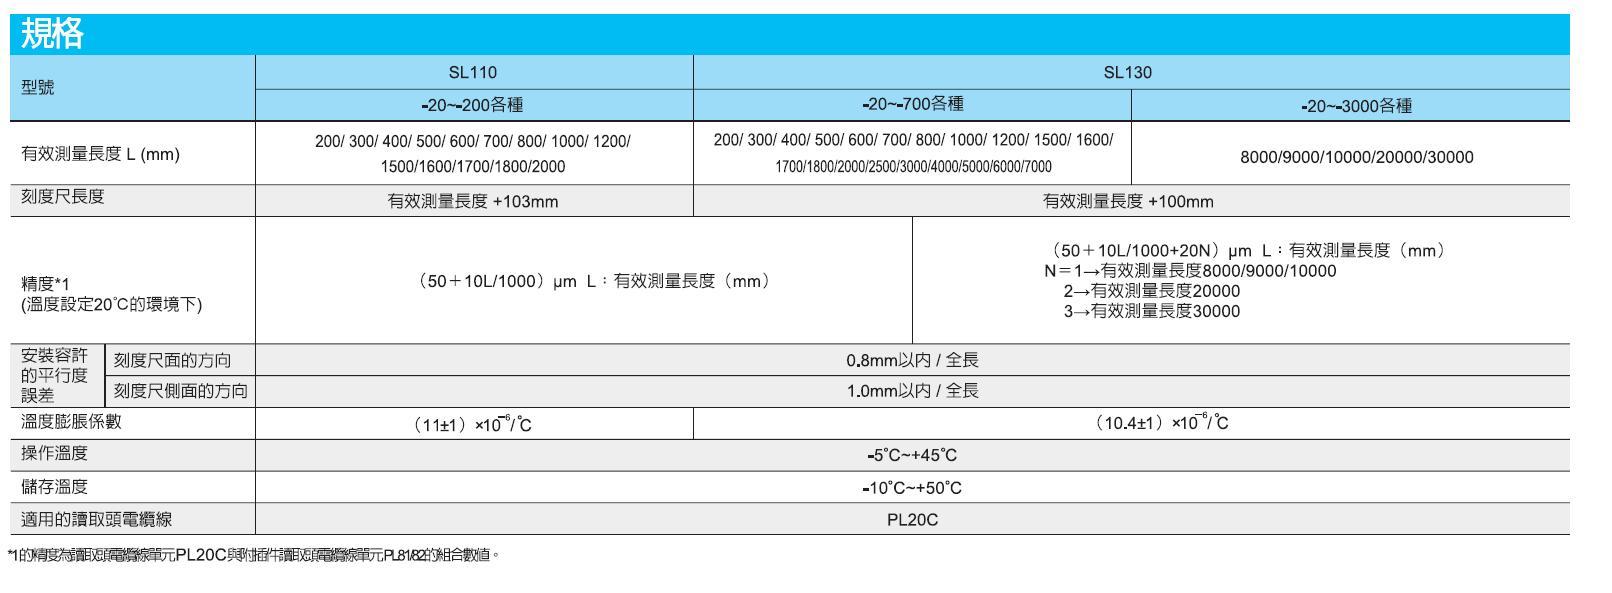 SL130 SL110磁柵